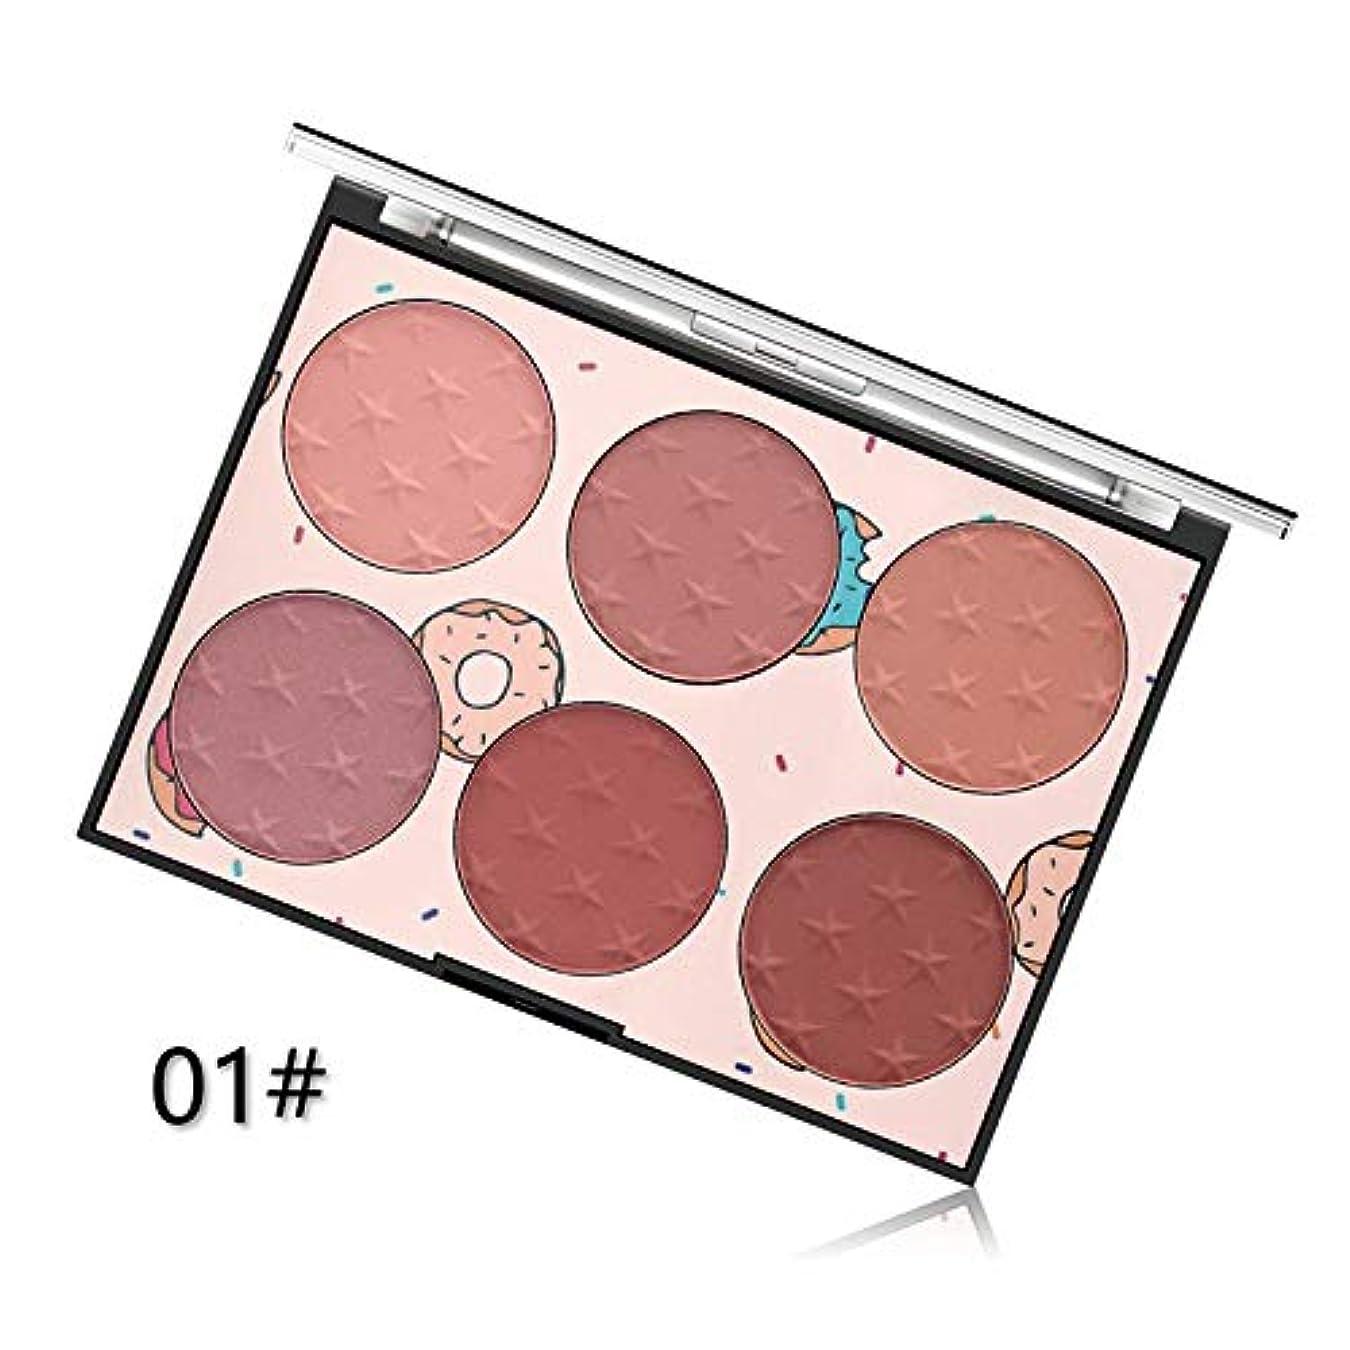 しなければならないで織機Beaurtty 6色 ブラッシュパレット ナチュラル ロングラスティング 肌にやさしい 化粧品 (N01)